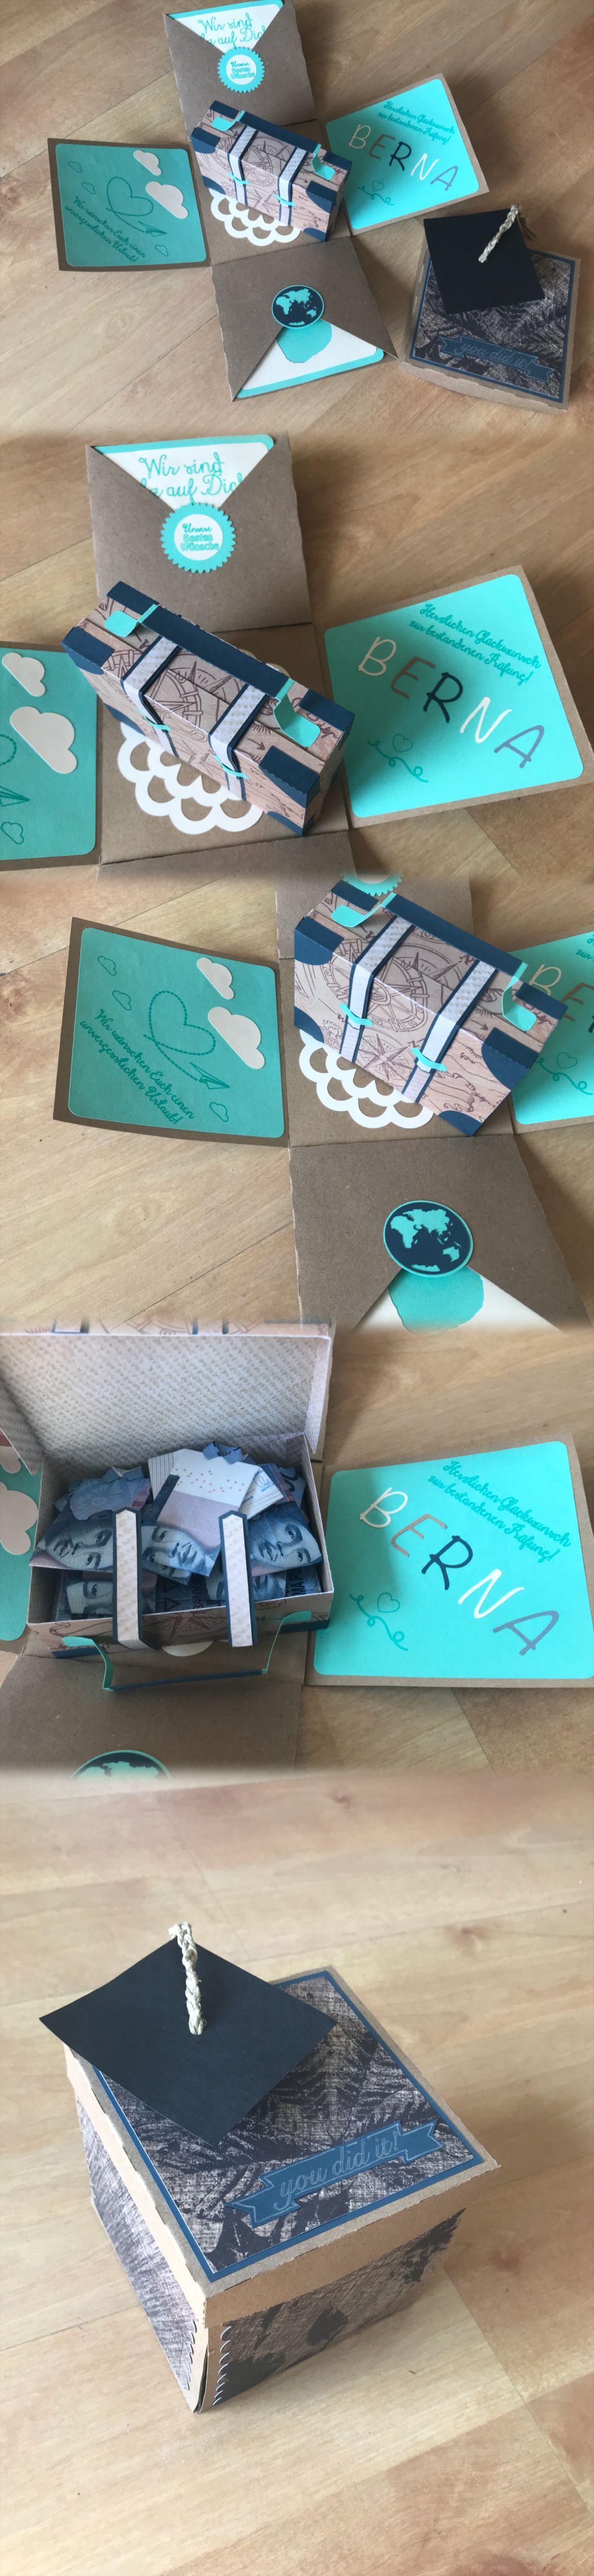 Explosionsbox Geldgeschenke Box Karte Gluckwunsch Zur Prufung